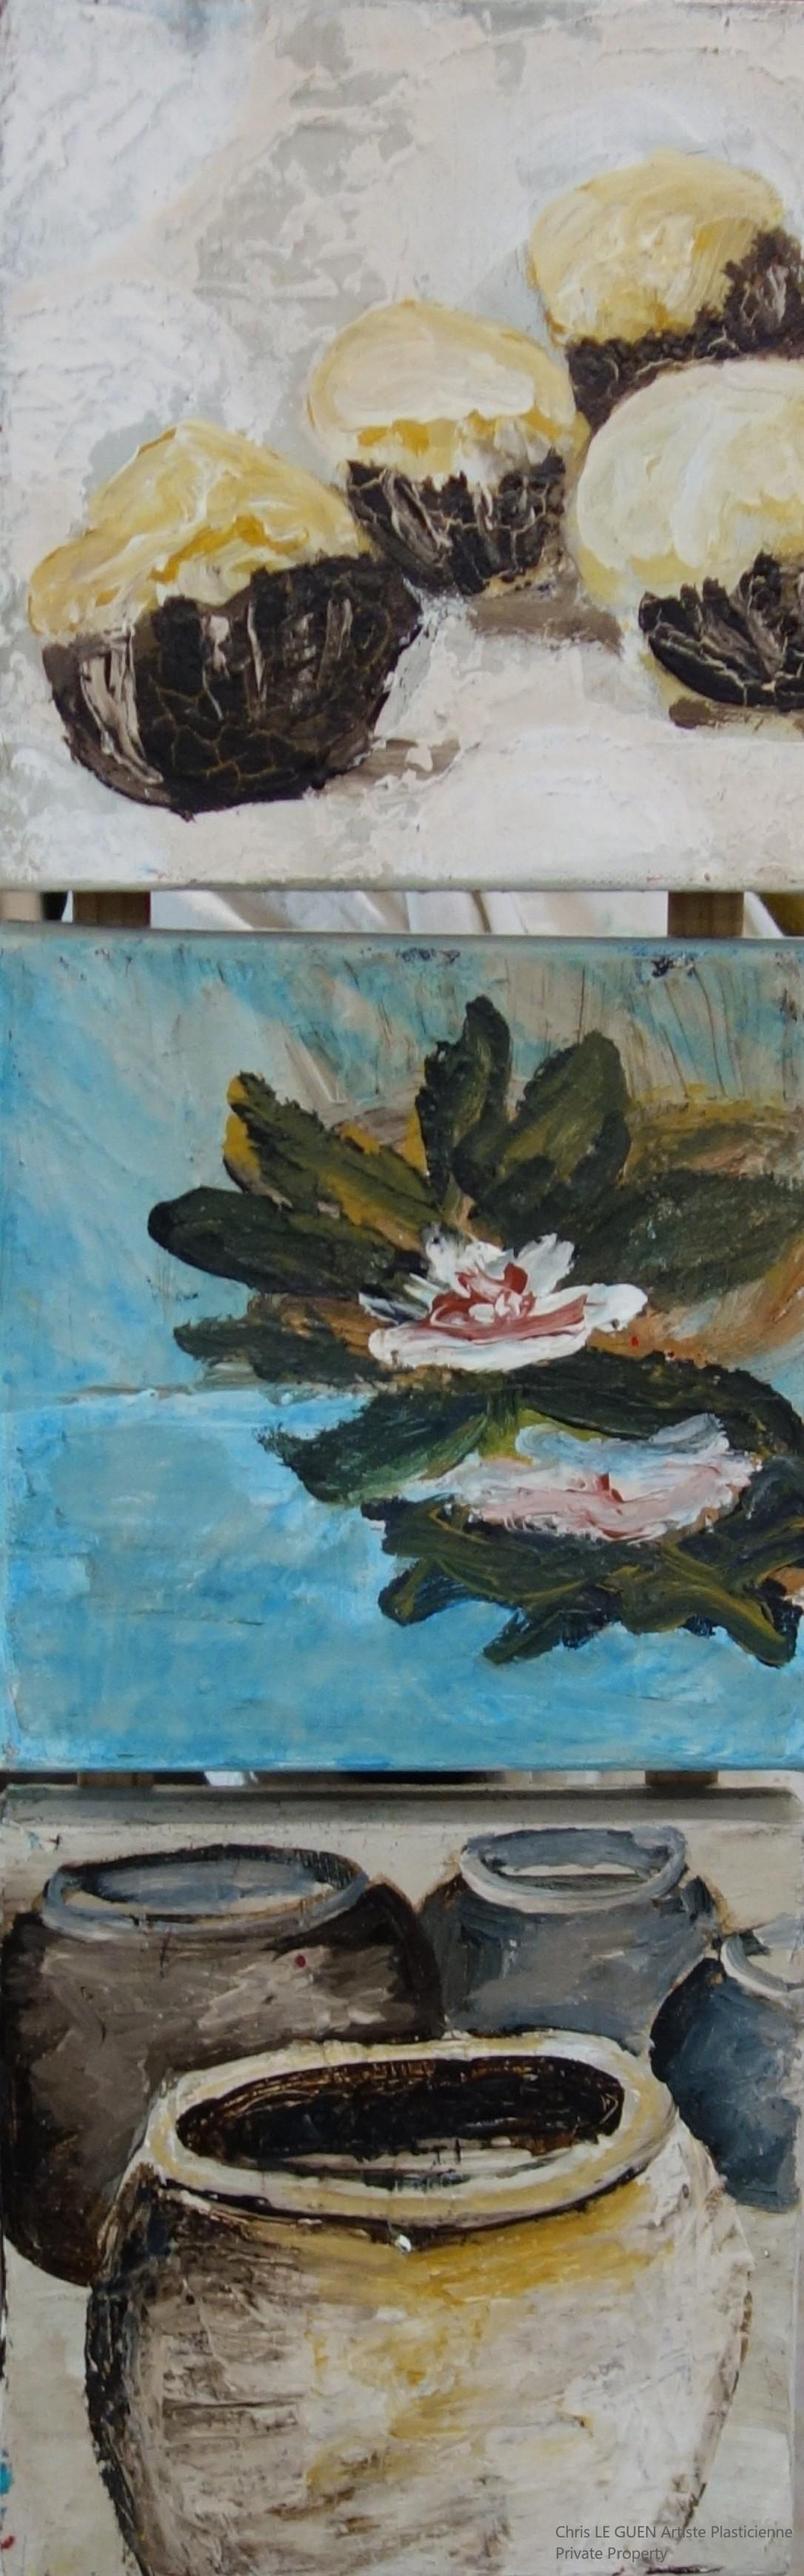 Nénuphar peint par Chris Le Guen Artiste Plasticienne Peintre et Sculptrice